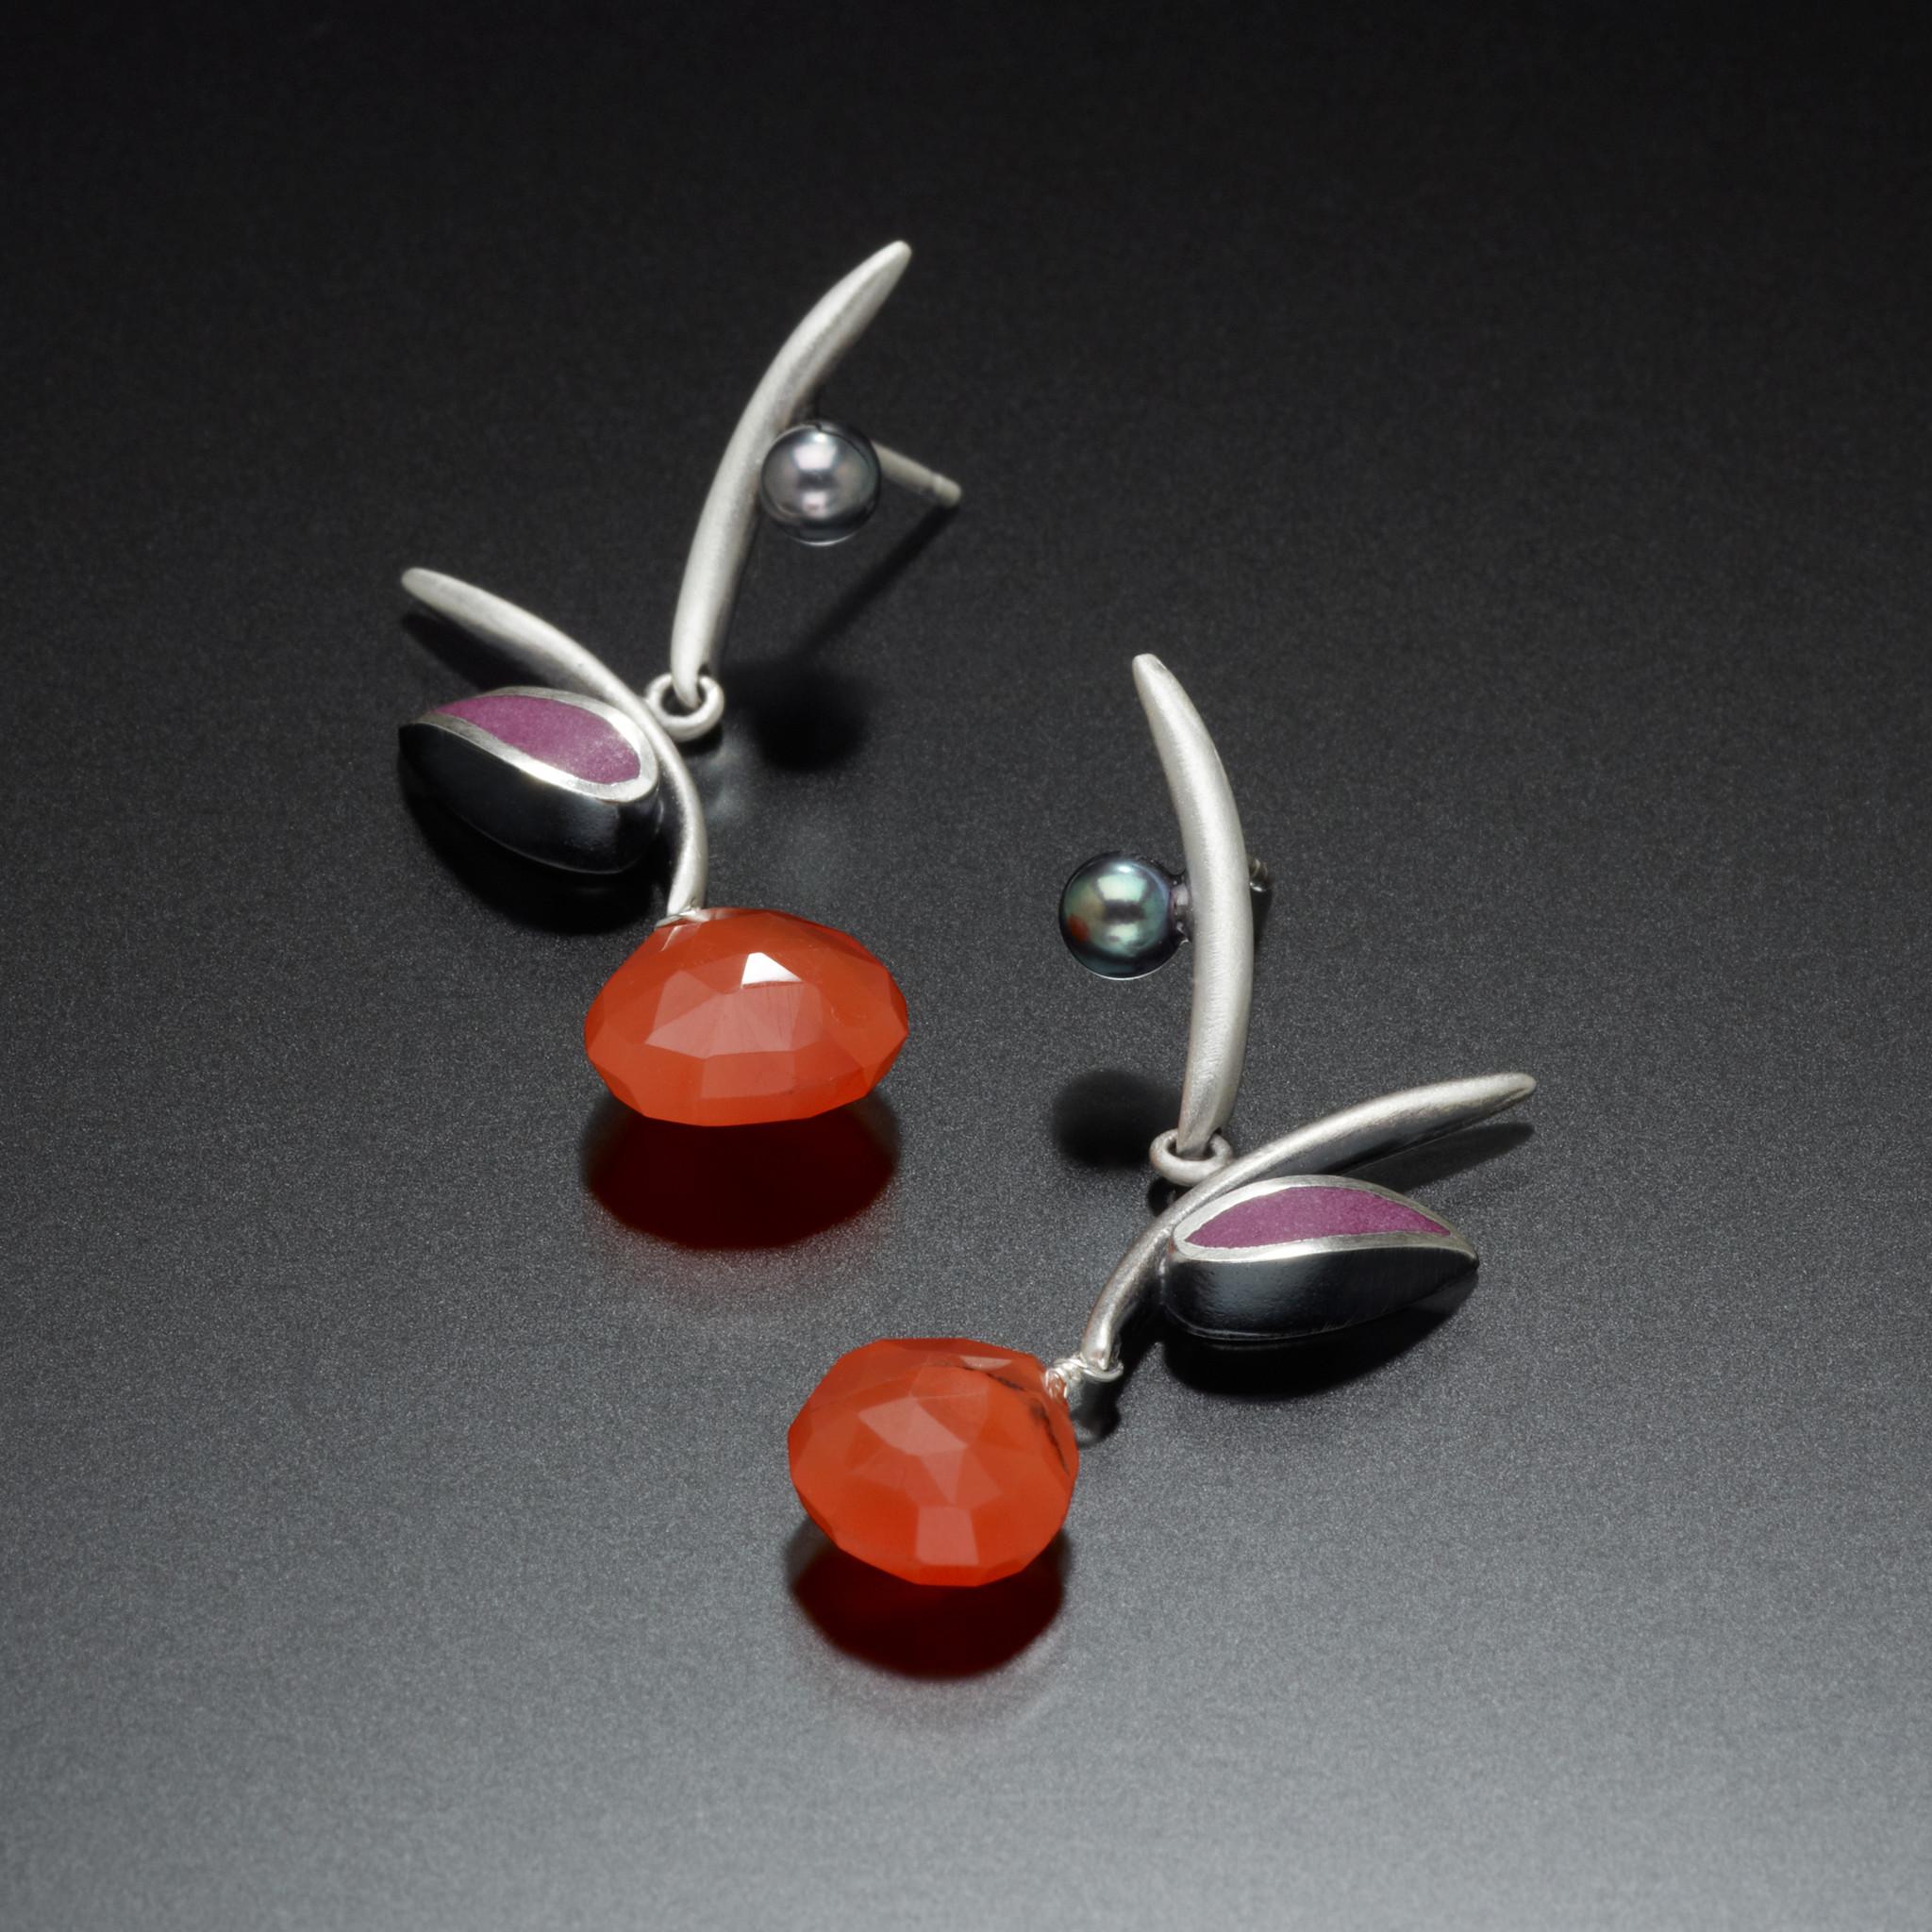 twig-earrings-orange_2275x2275.jpg